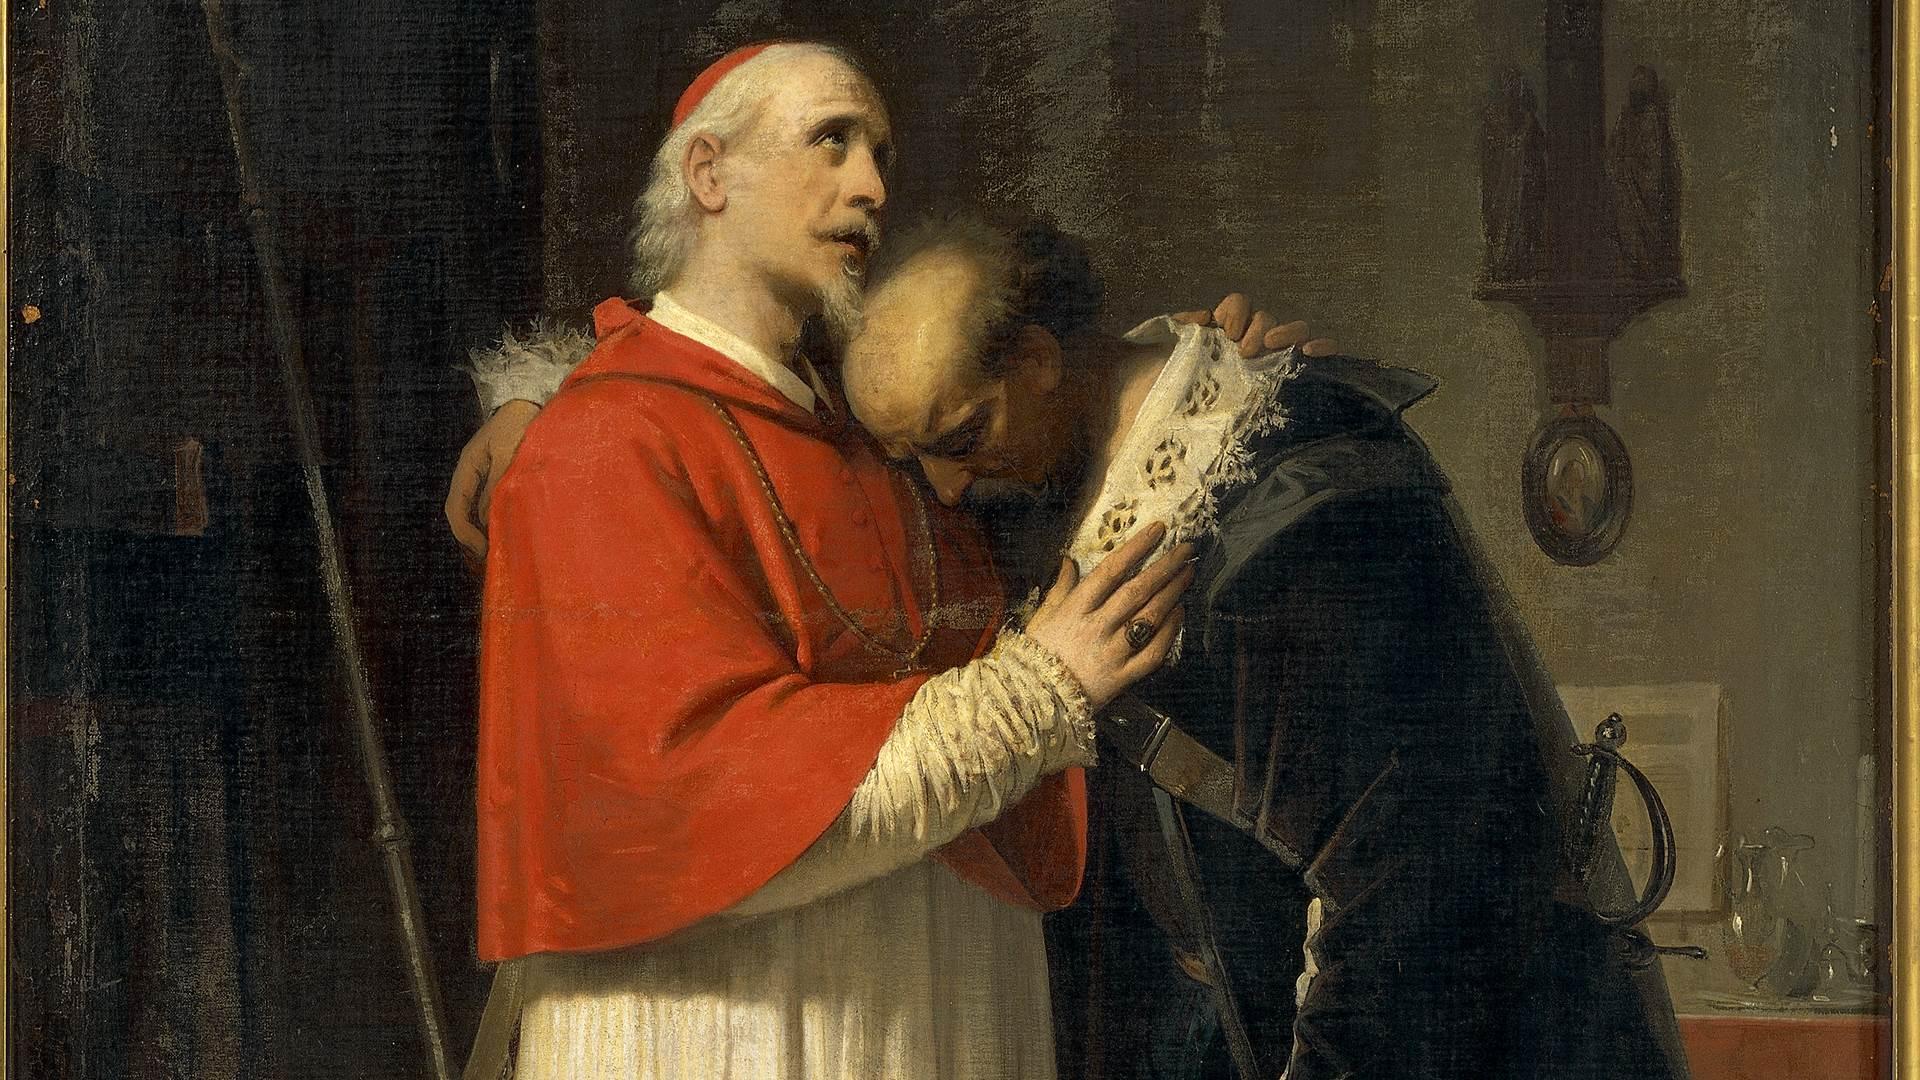 <p>Alessandro Guardassoni (1819-1888), La conversione dell'Innominato, 1856, olio su tela, dettaglio</p>